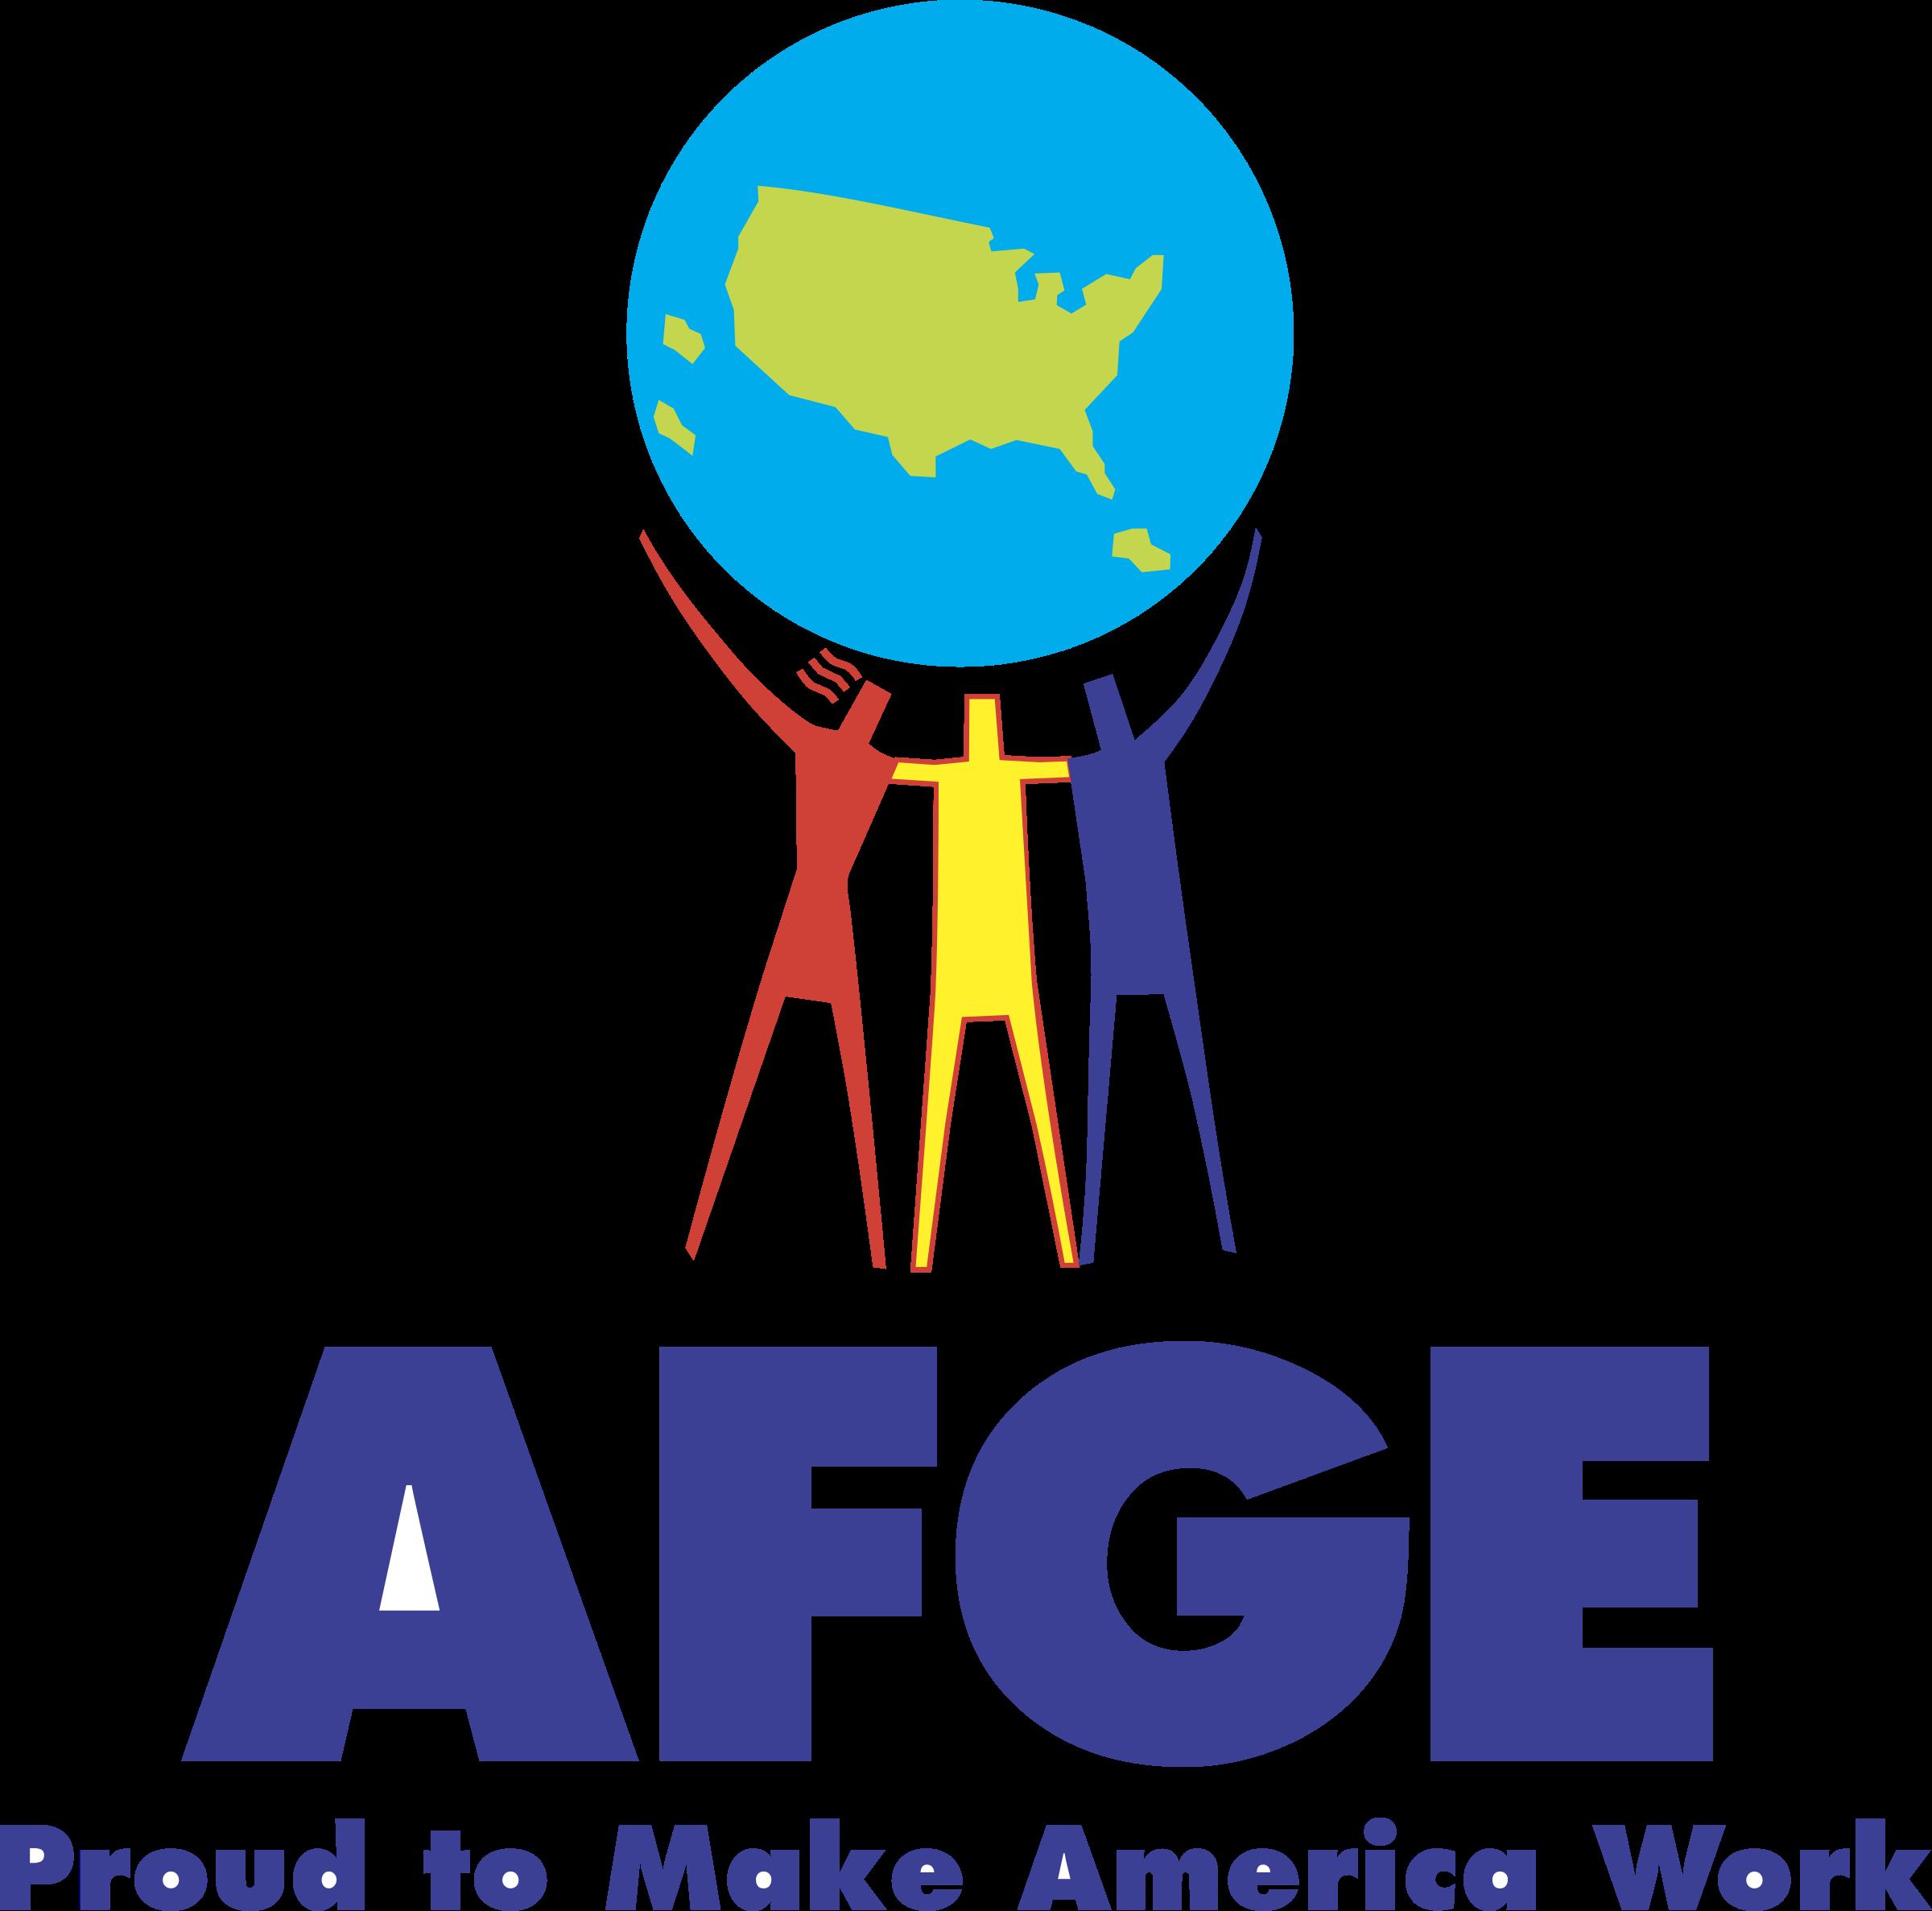 AFGE 1 Logo PNG Transparent & SVG Vector - Freebie Supply